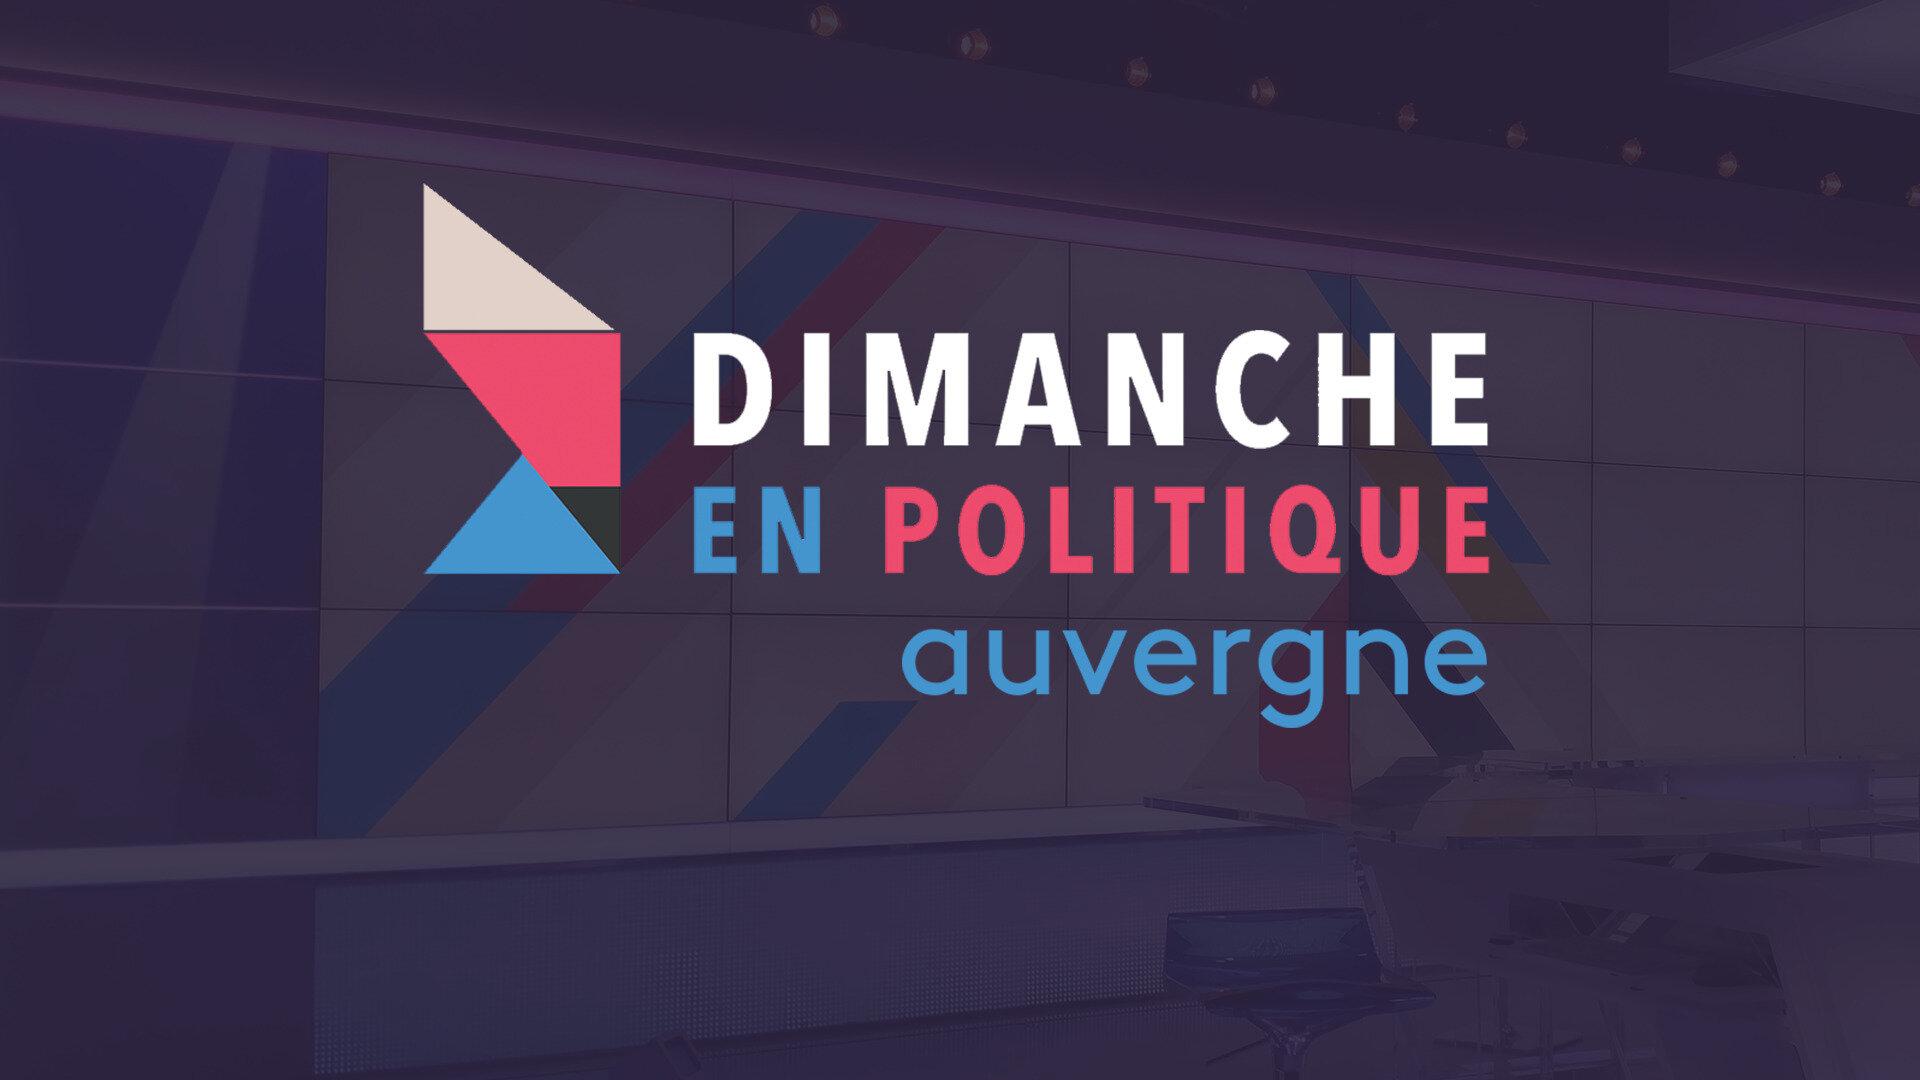 Dimanche en politique - Auvergne